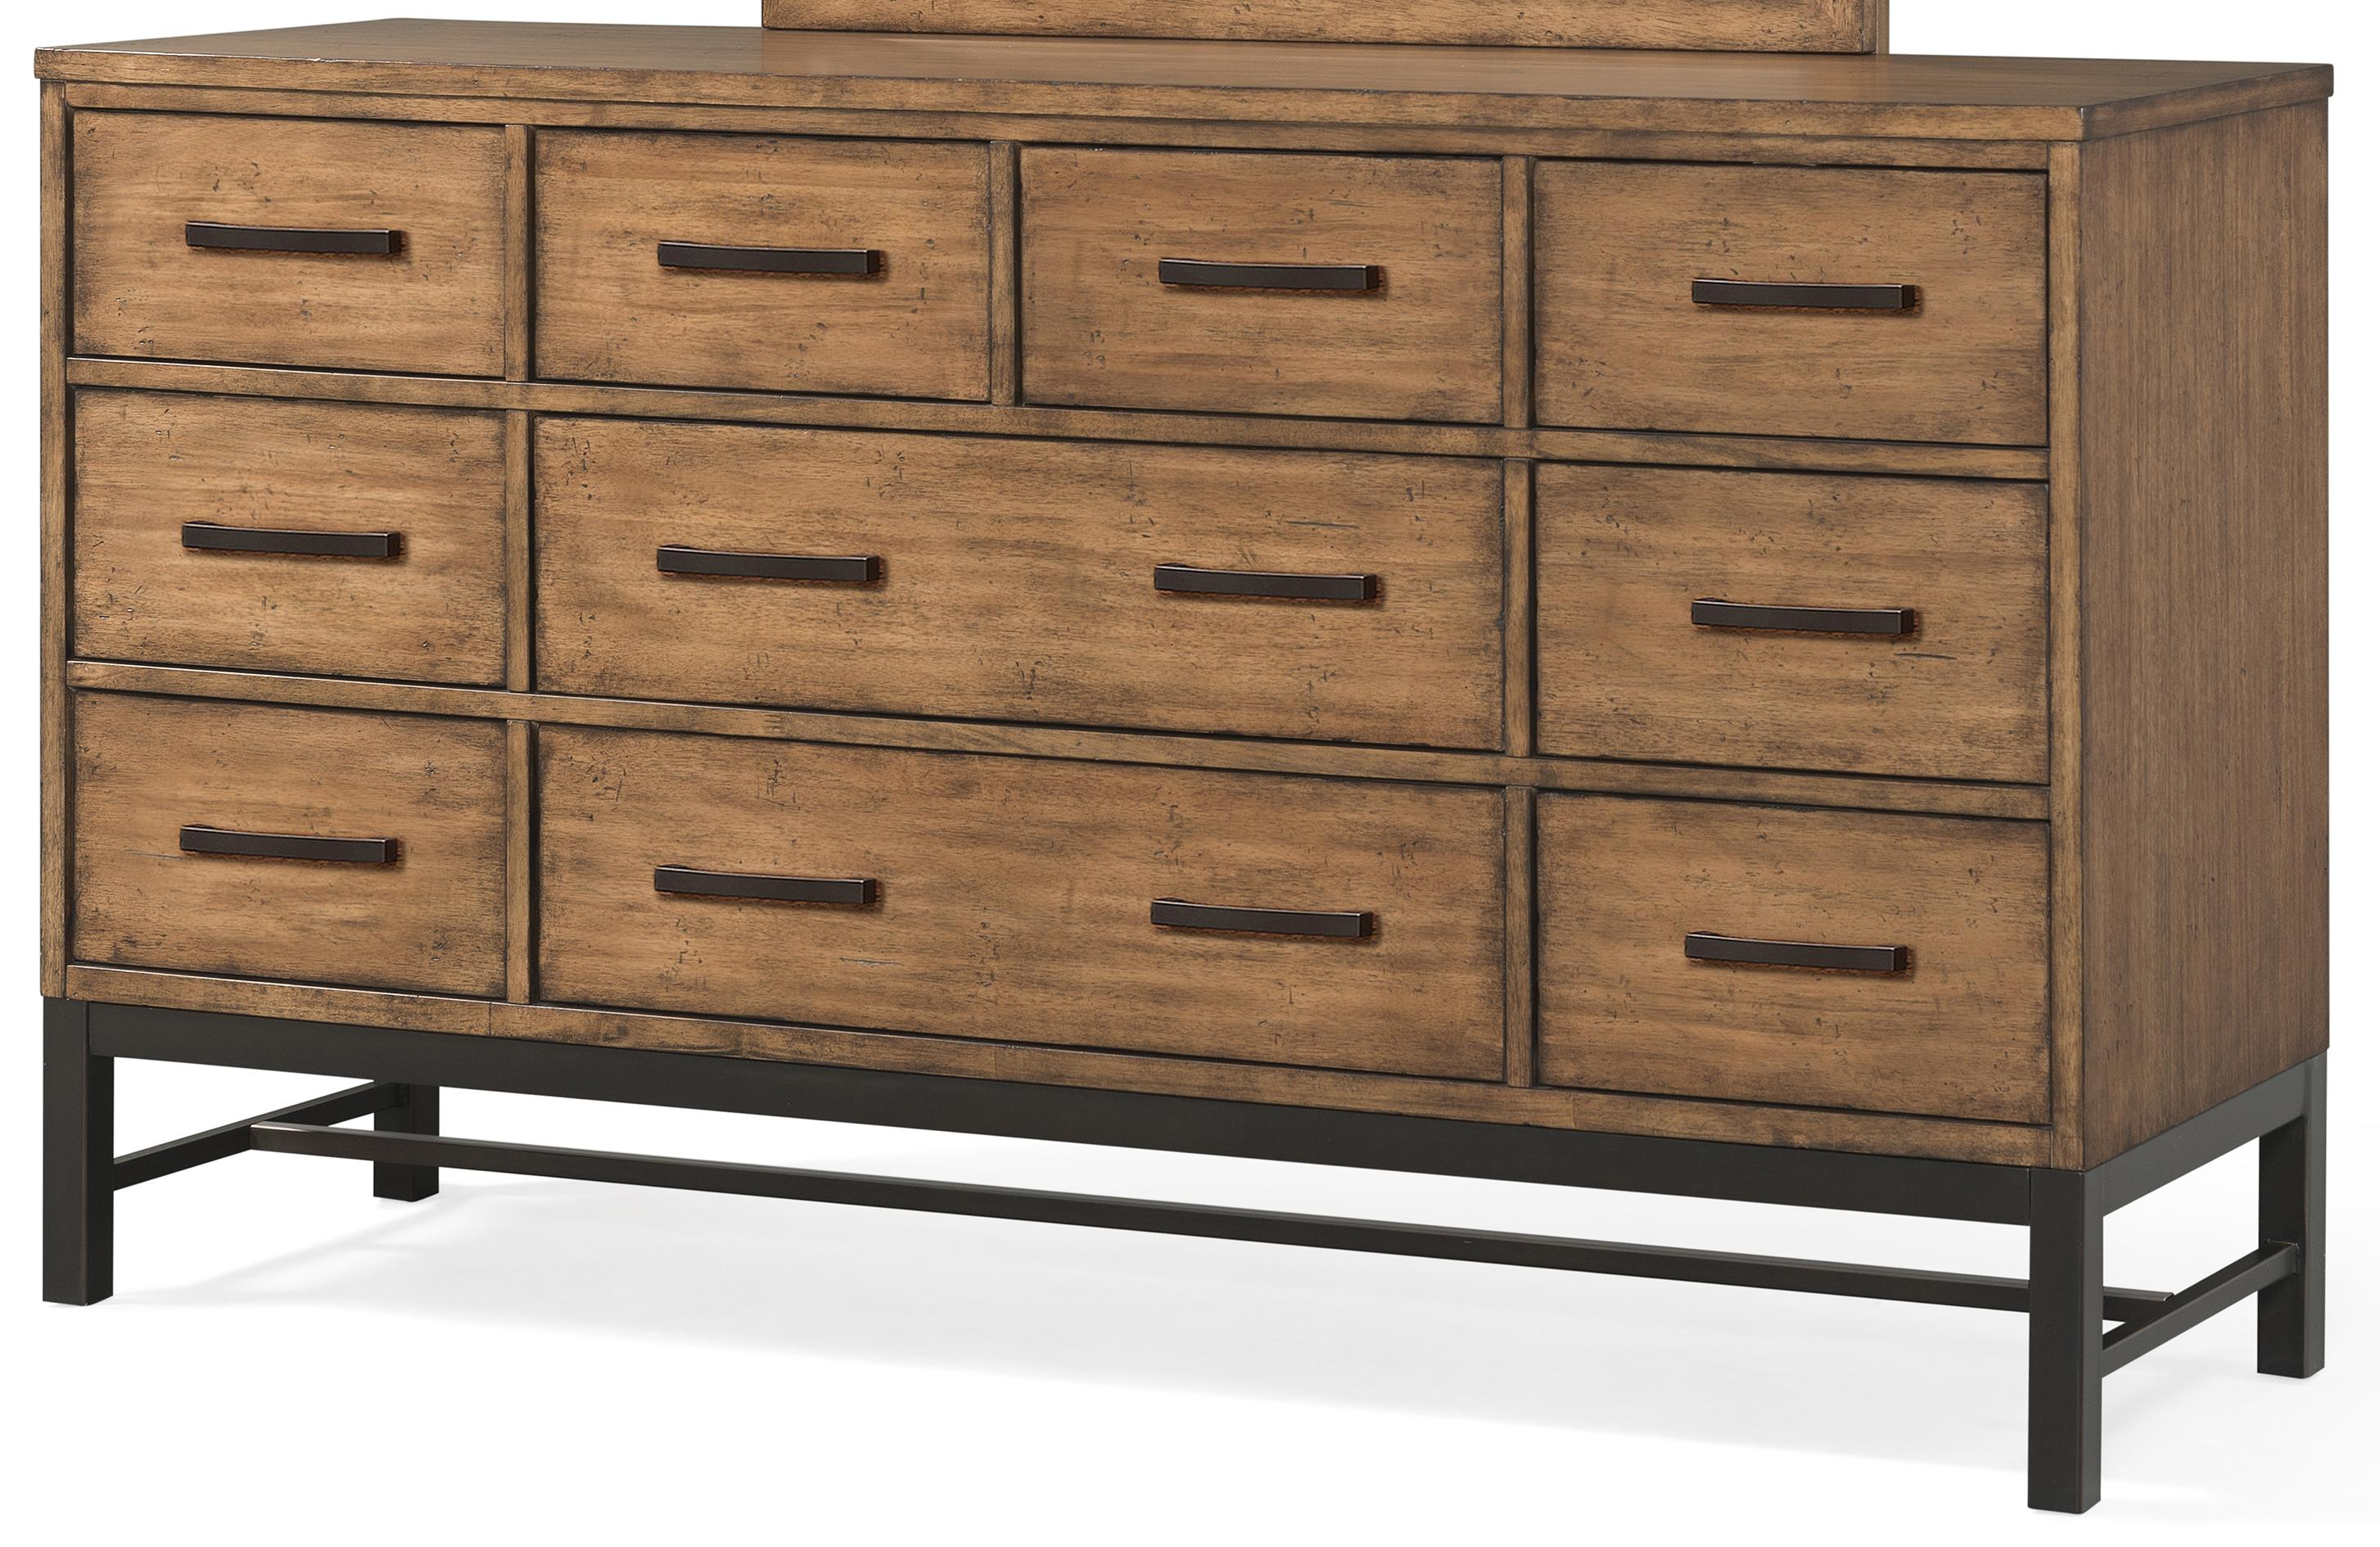 Belfort Basics Affinity Dresser - Item Number: 710-650